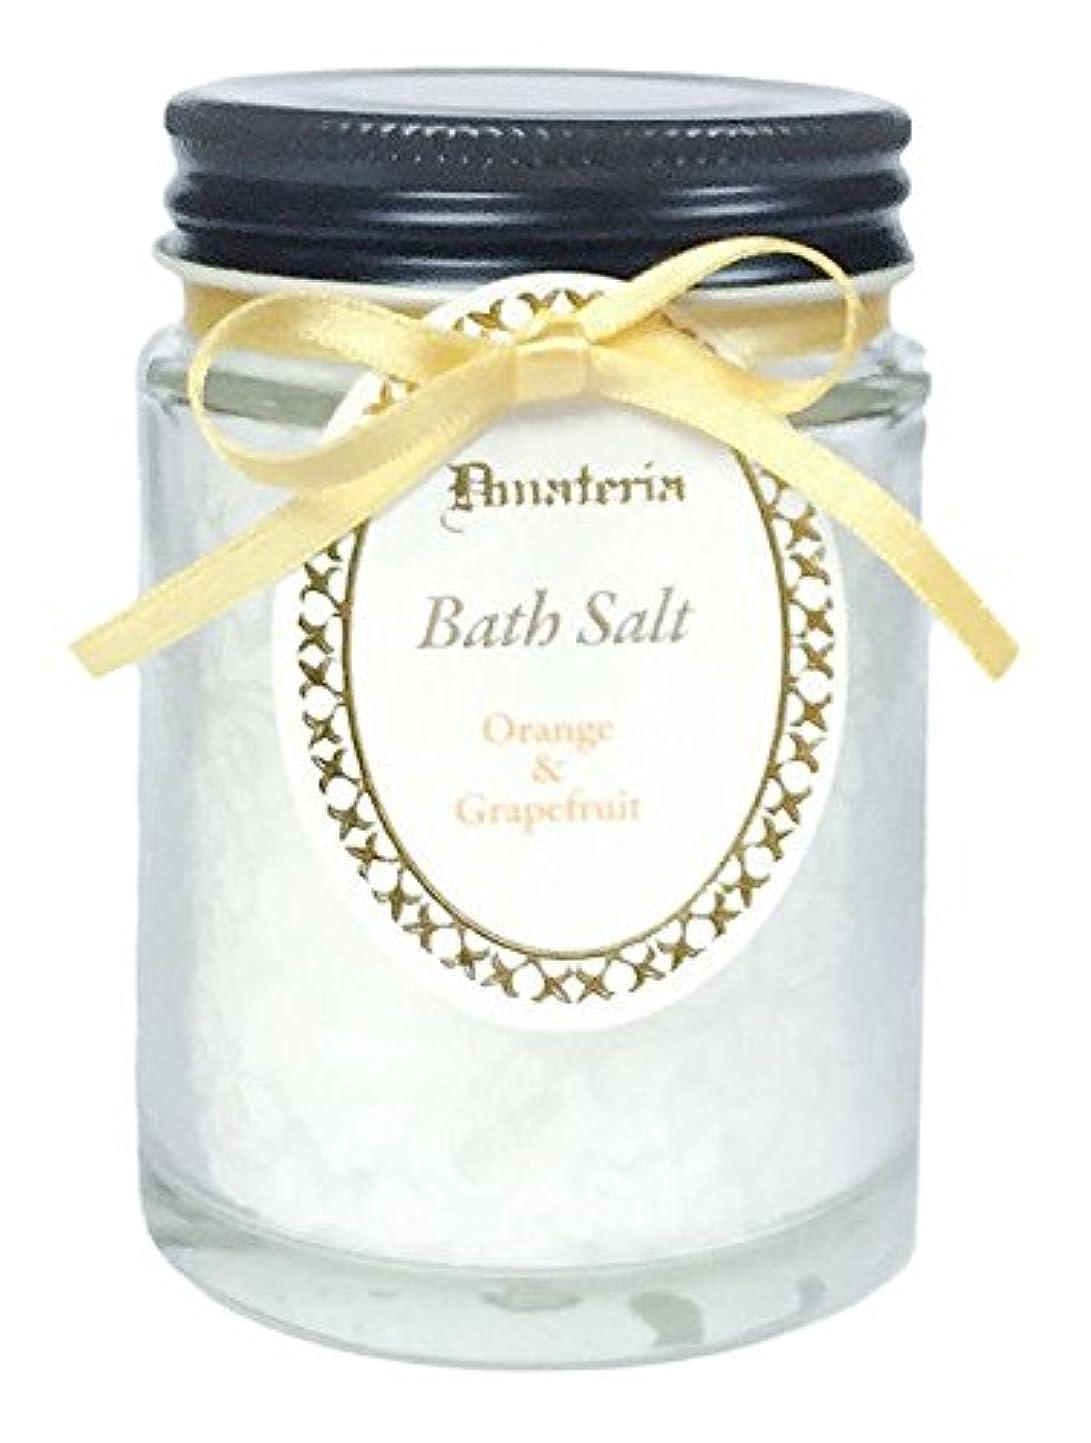 紳士満足マーカーD materia バスソルト オレンジ&グレープフルーツ Orange&Grapefruit Bath Salt ディーマテリア